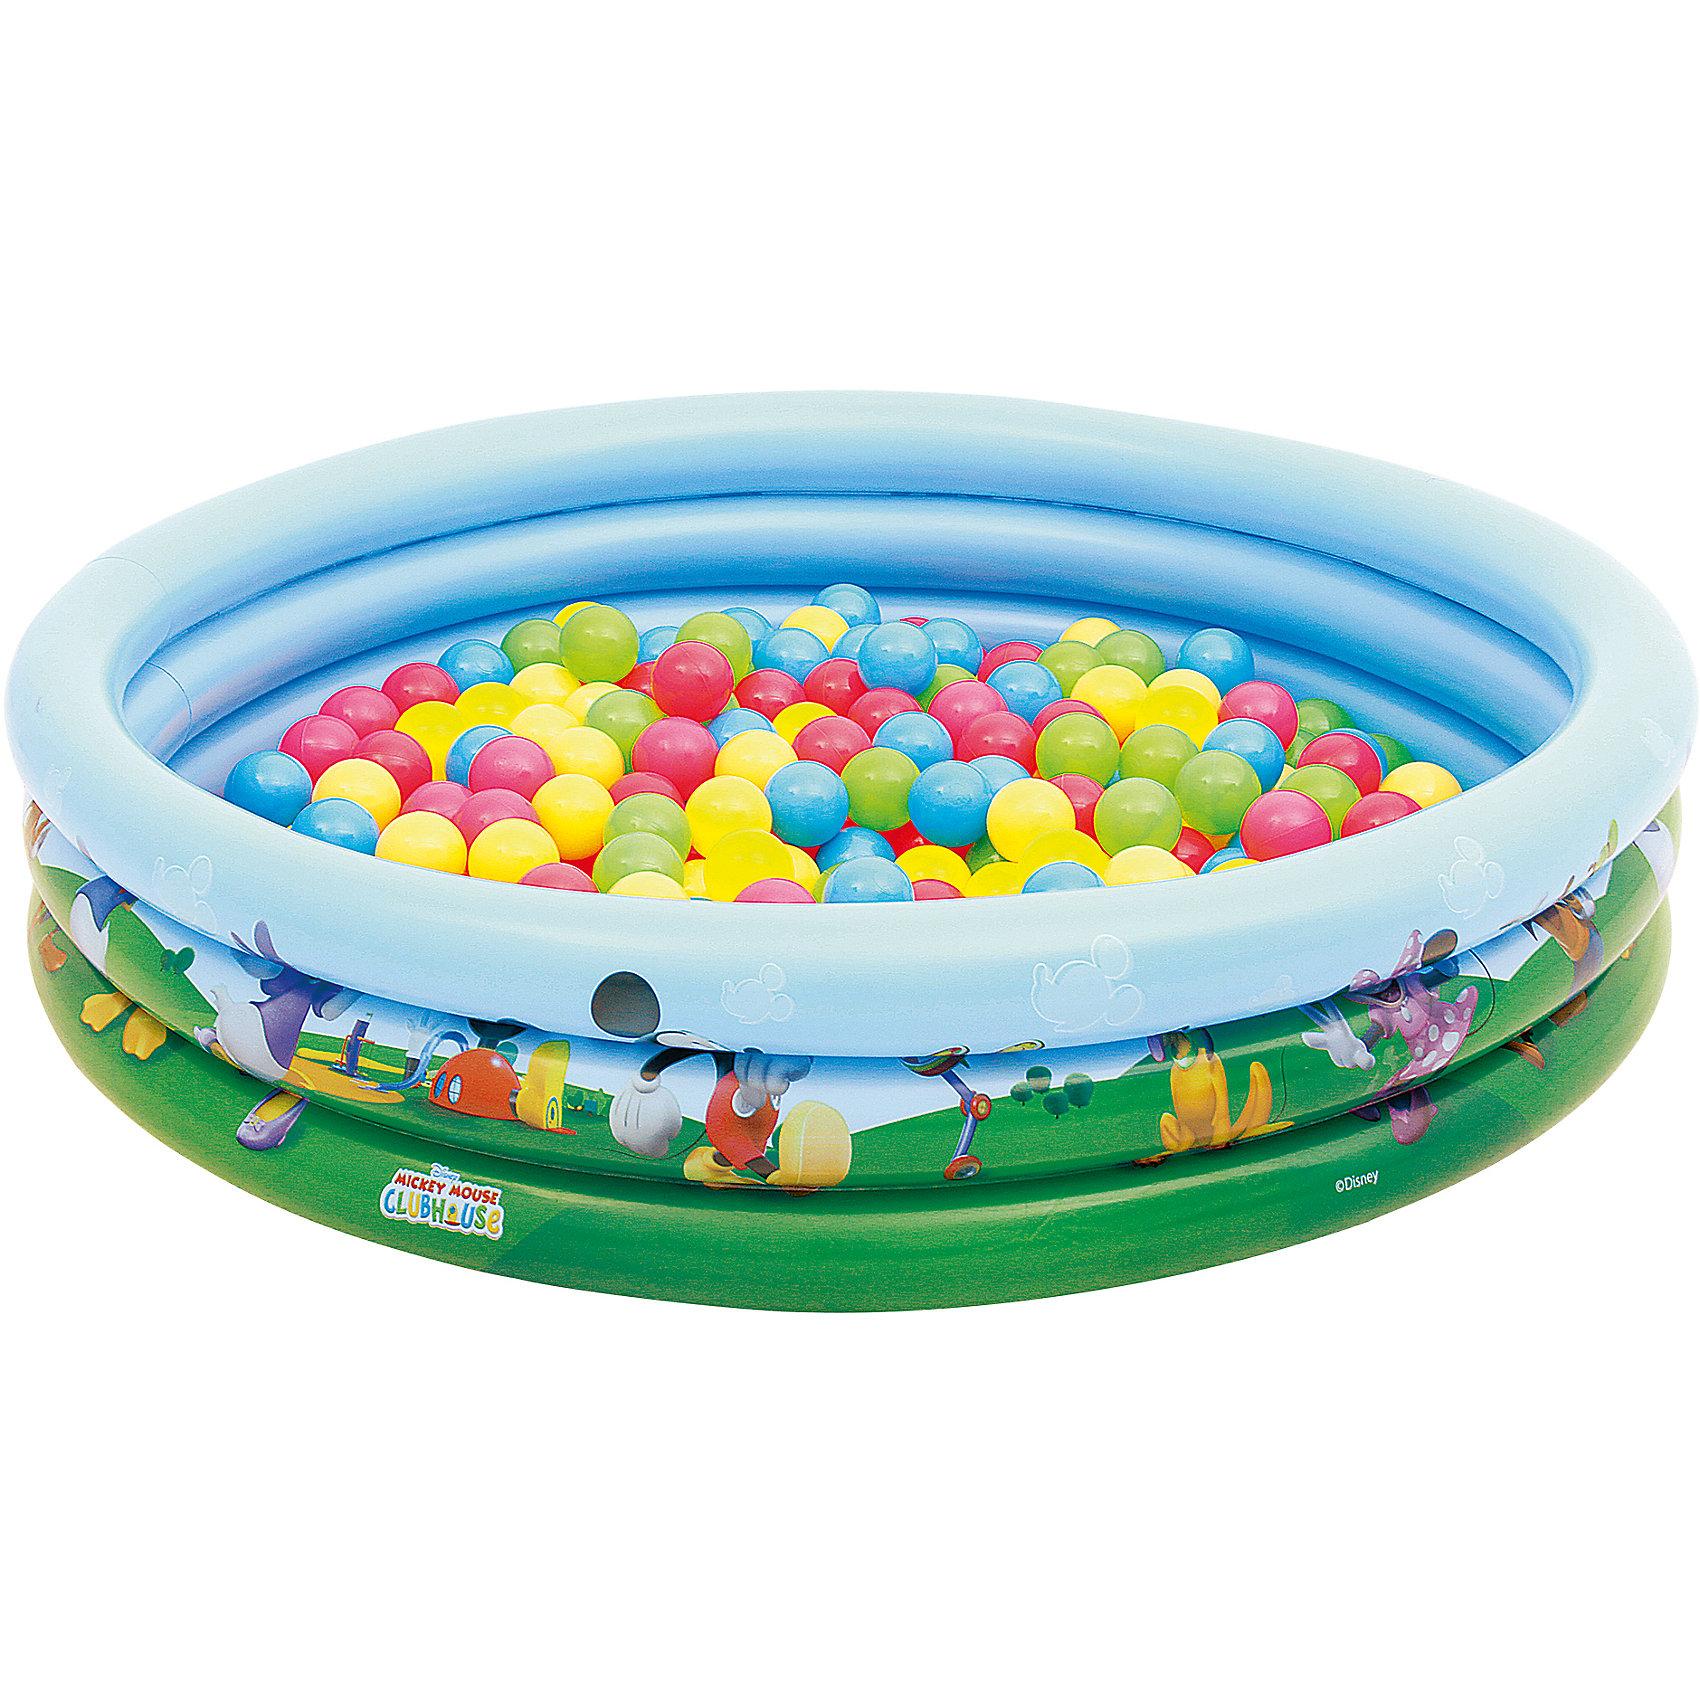 Bestway Детский круглый бассейн (140 л) + 75 шариков, Bestway бассейн надувной bestway hot wheels 122х25 см 140 л